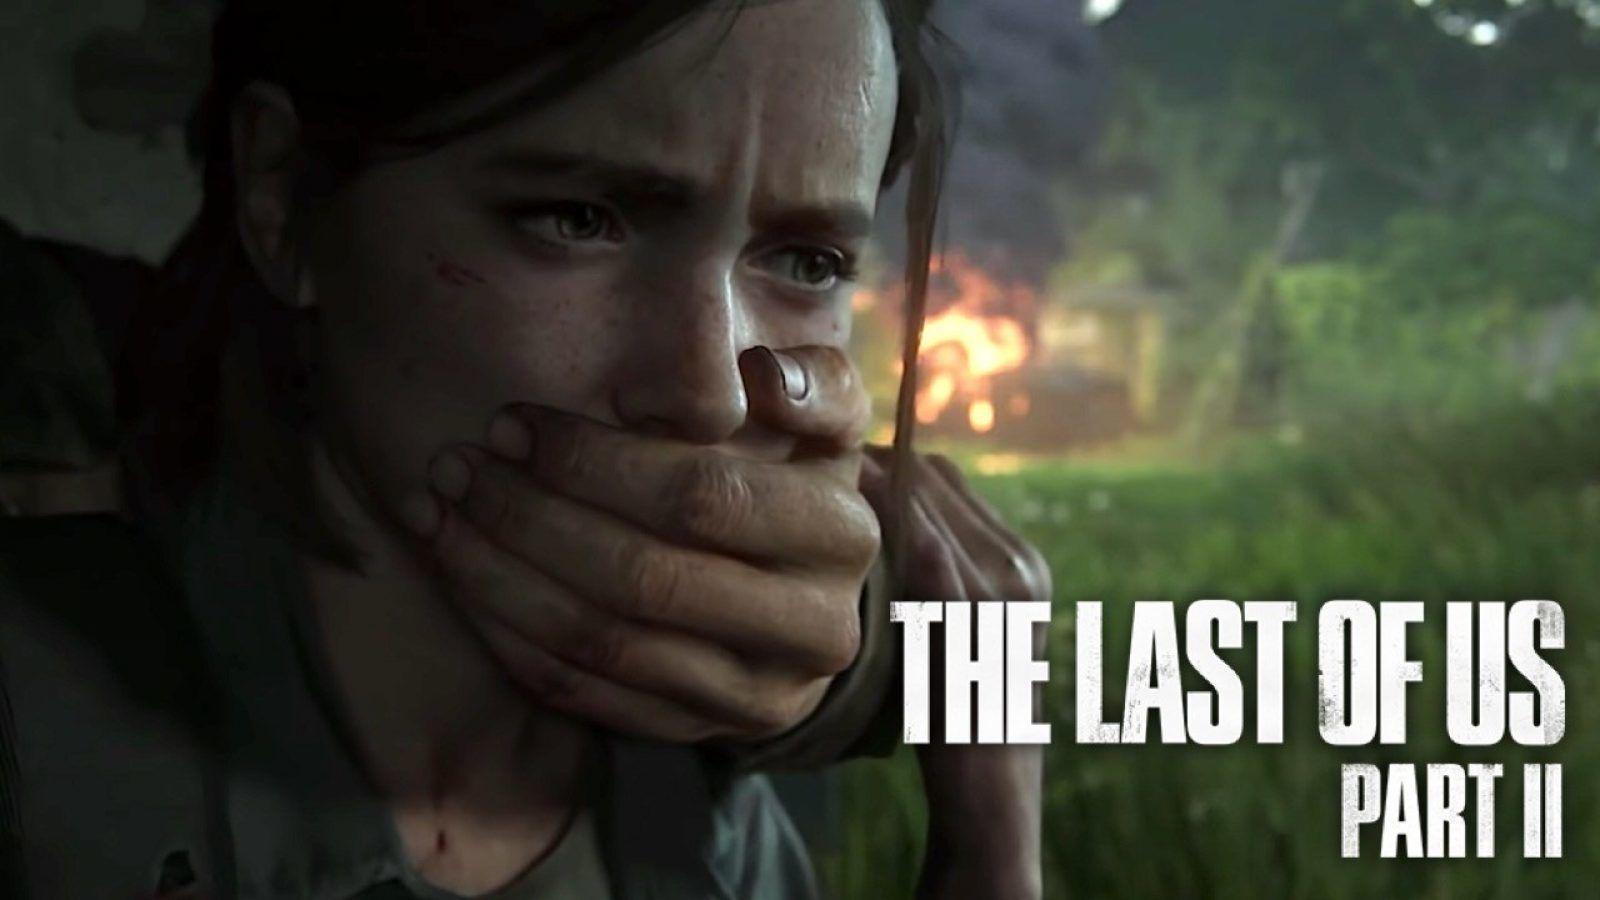 The Last of US II : Naughty Dog repousse la sortie, le 100% numérique pas assez porteur